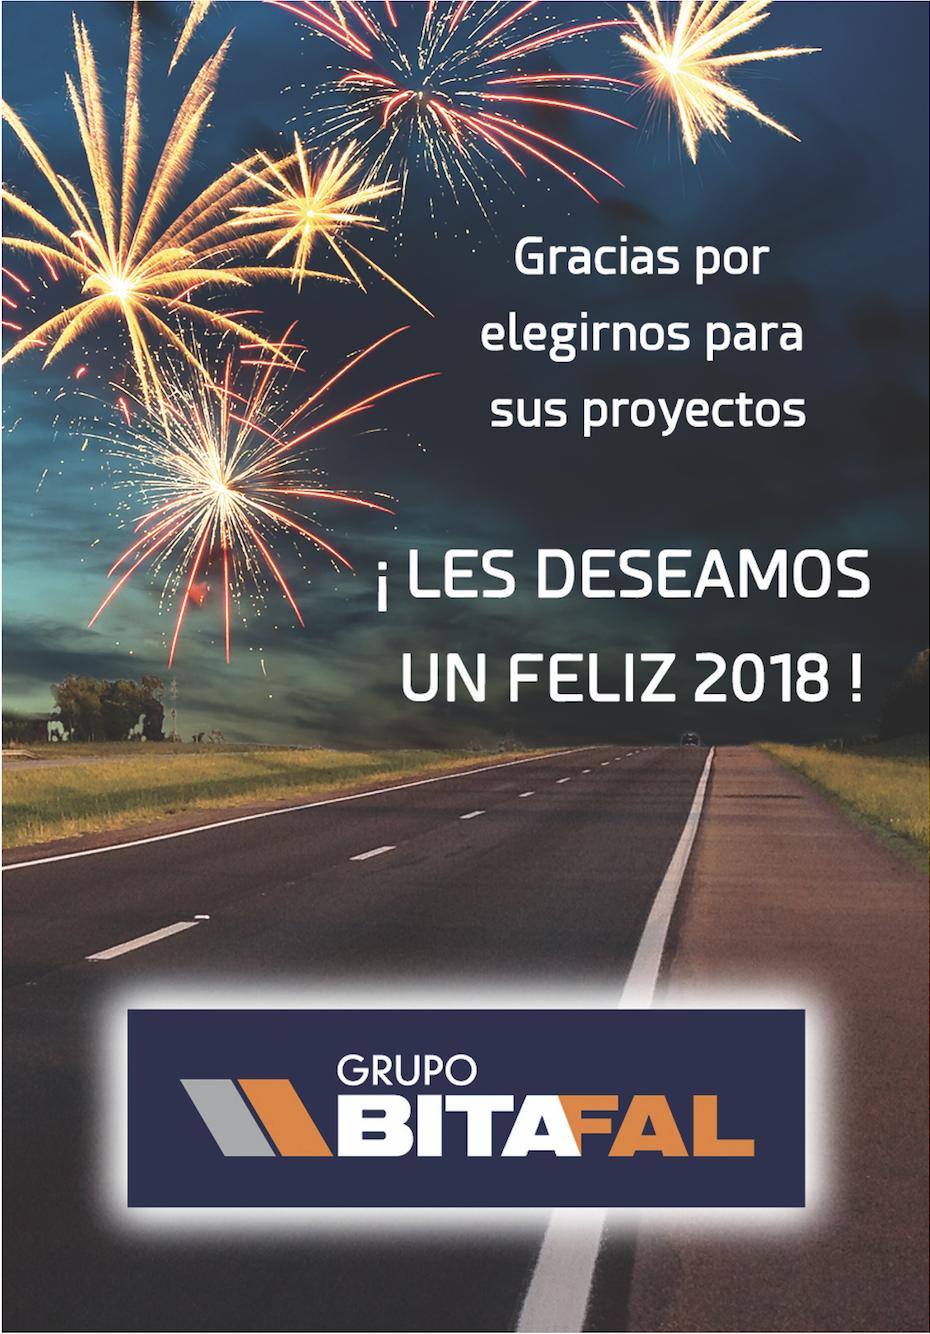 FELICES FIESTAS Y EXITOS PARA EL 2018